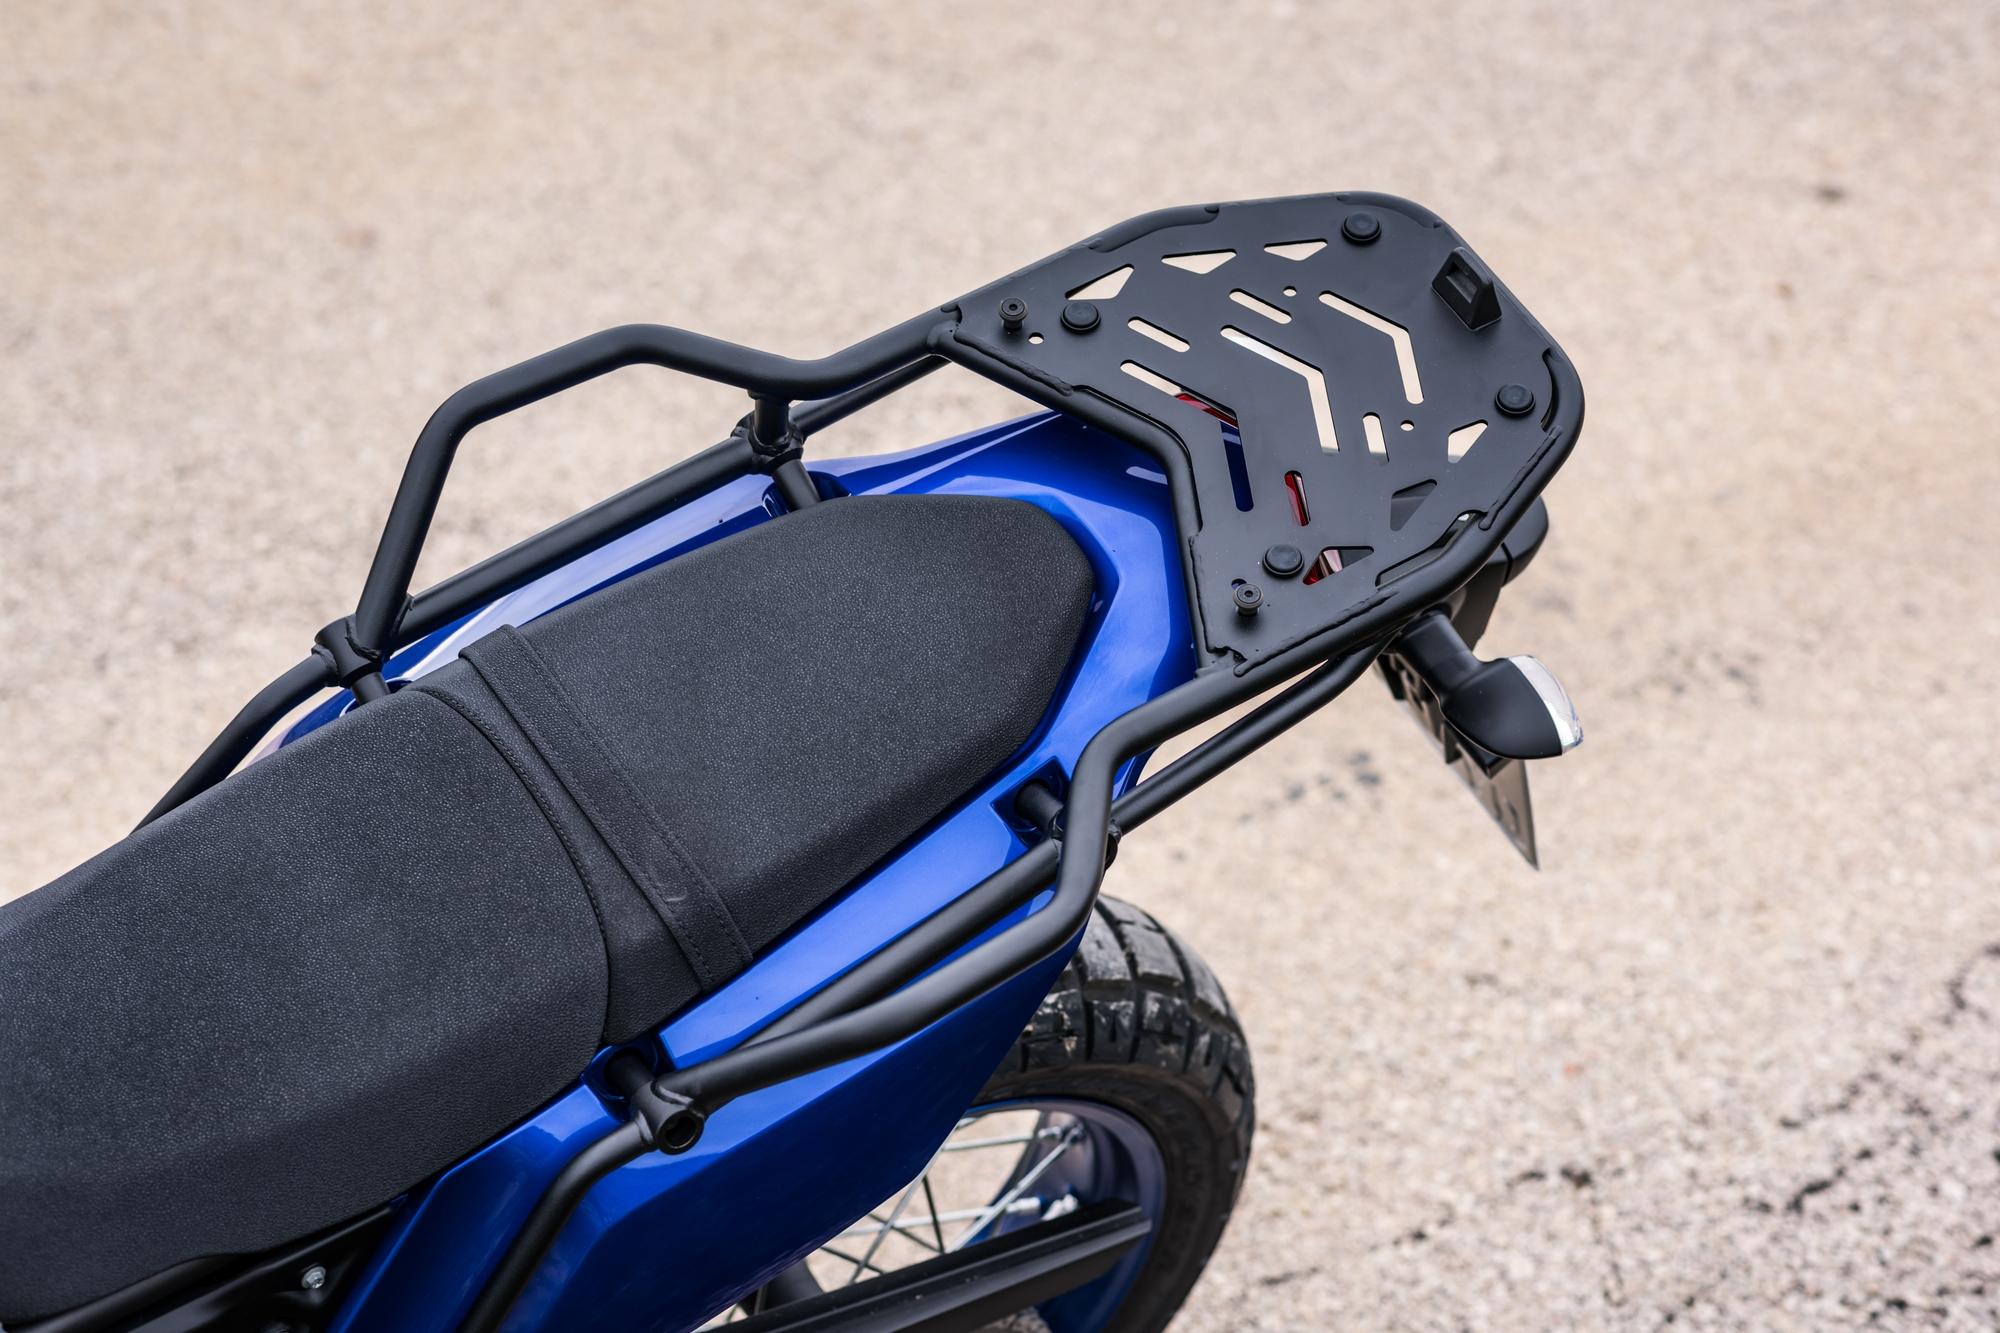 Side By Side Atv >> Yamaha Ténéré 700 - Accessories